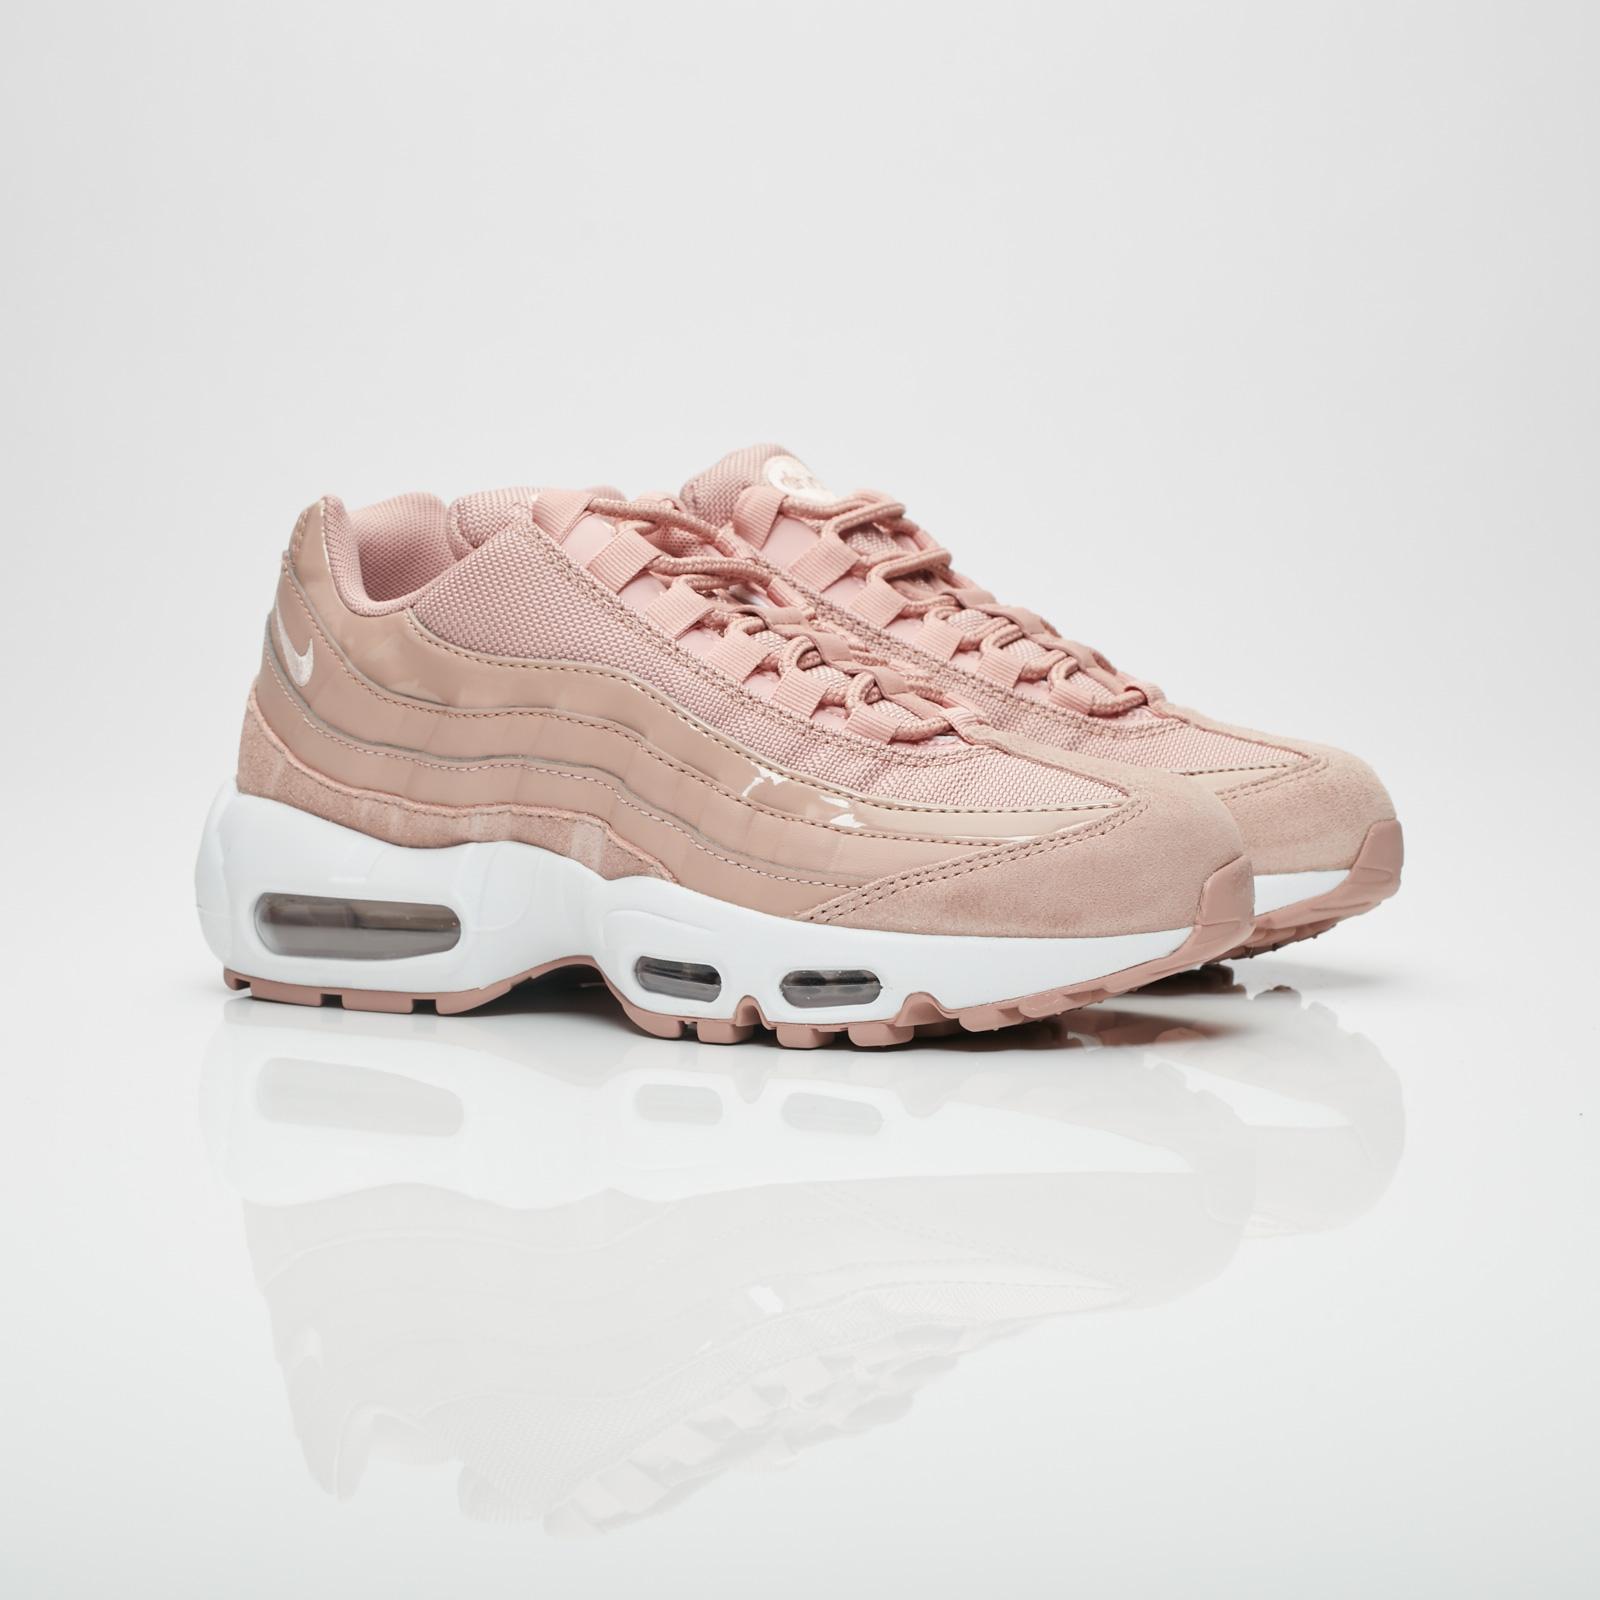 Nike Wmns Air Max 95 - 307960-601 - SNS | sneakers & streetwear ...